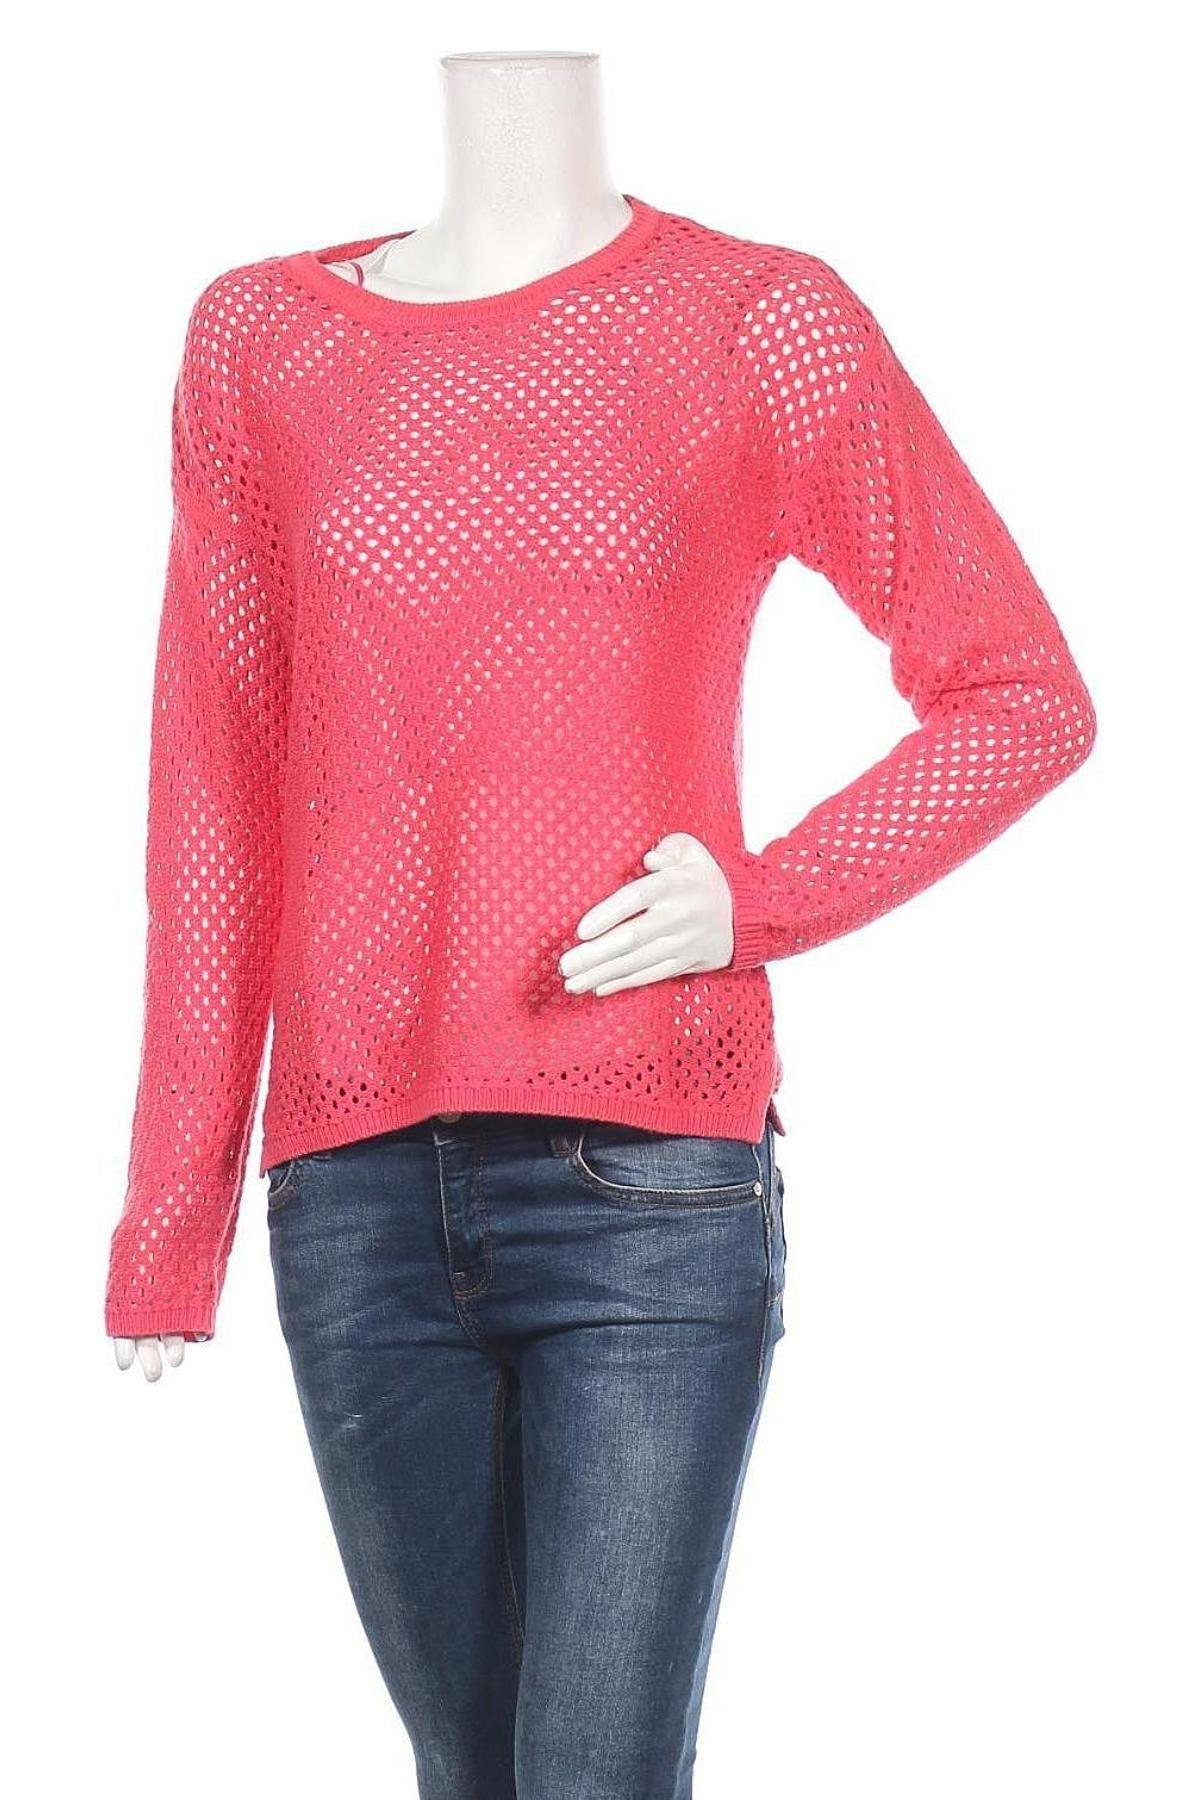 Дамски пуловер Montego, Размер M, Цвят Розов, 55% полиакрил, 45% памук, Цена 16,10лв.